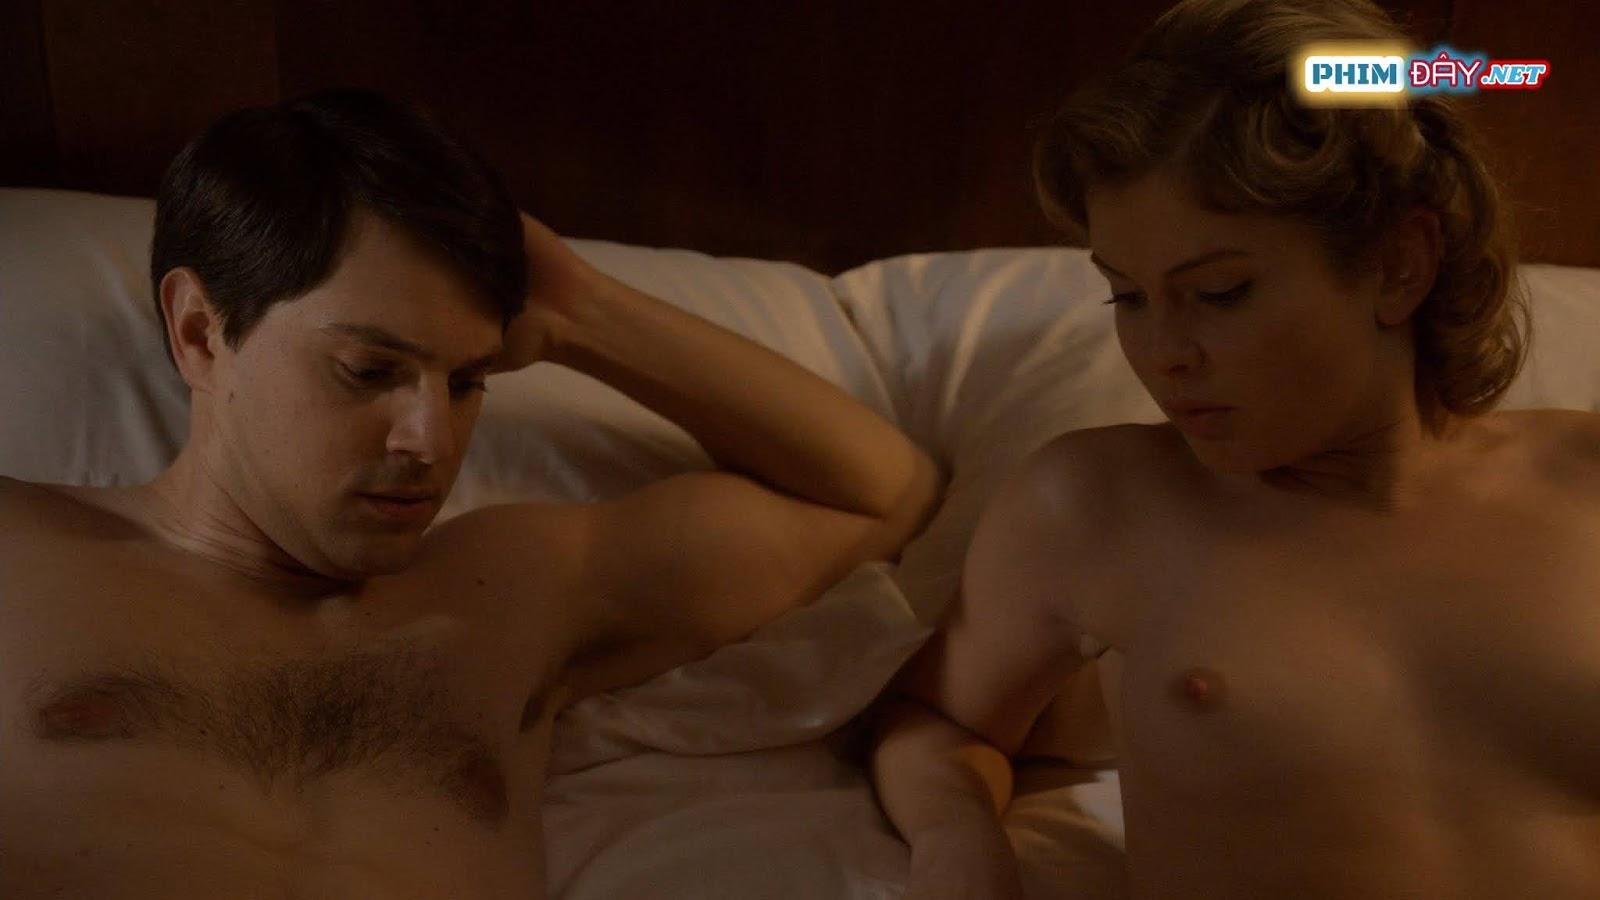 Bậc Thầy Tình Dục 2 - Masters of Sex 2 (2014)